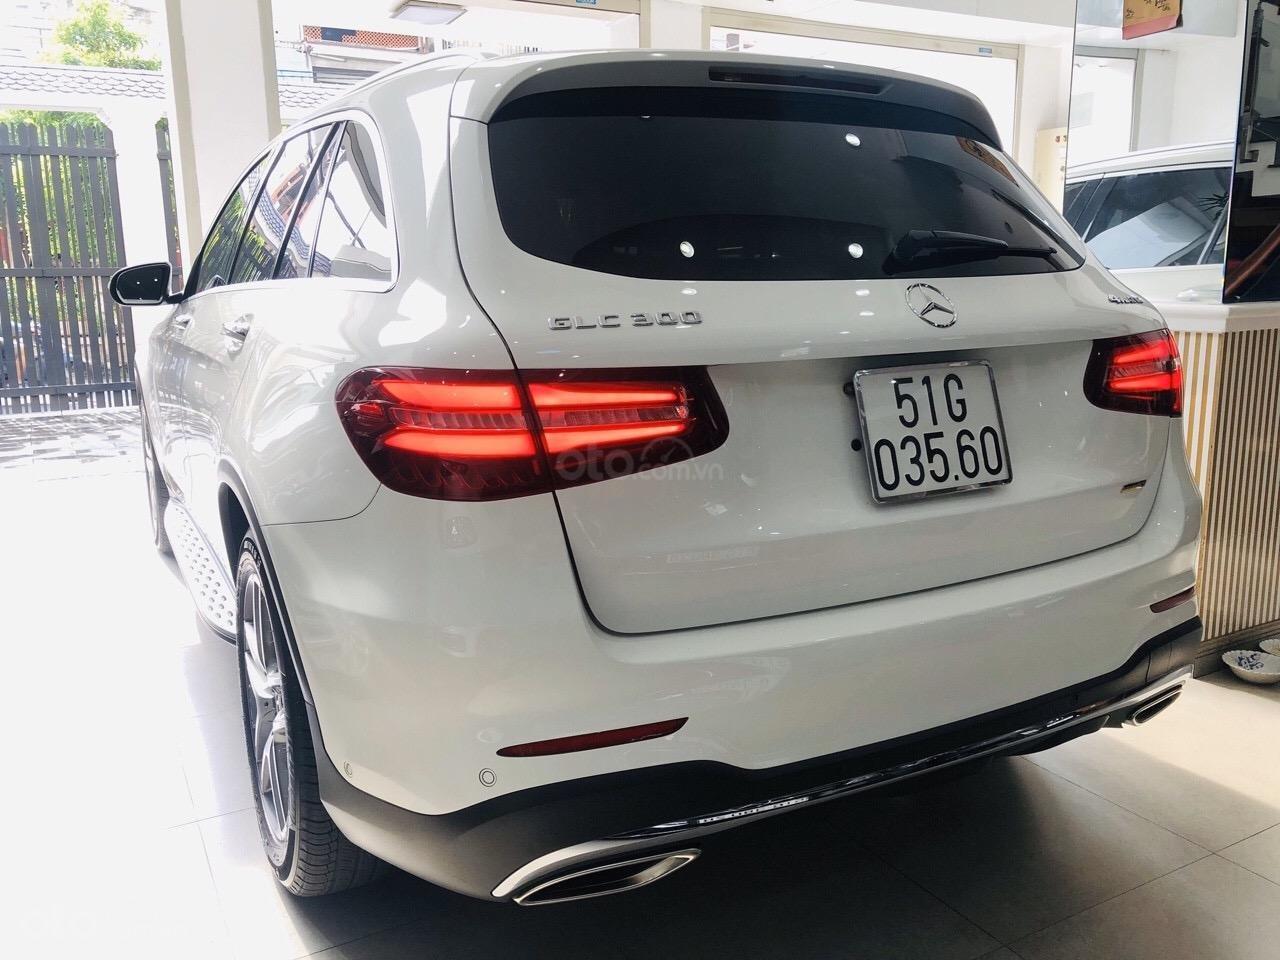 Bán GLC300 SX 2018 model 2019, xe đẹp màu trắng nội thất nâu, cam kết bao kiểm tra tại hãng (3)